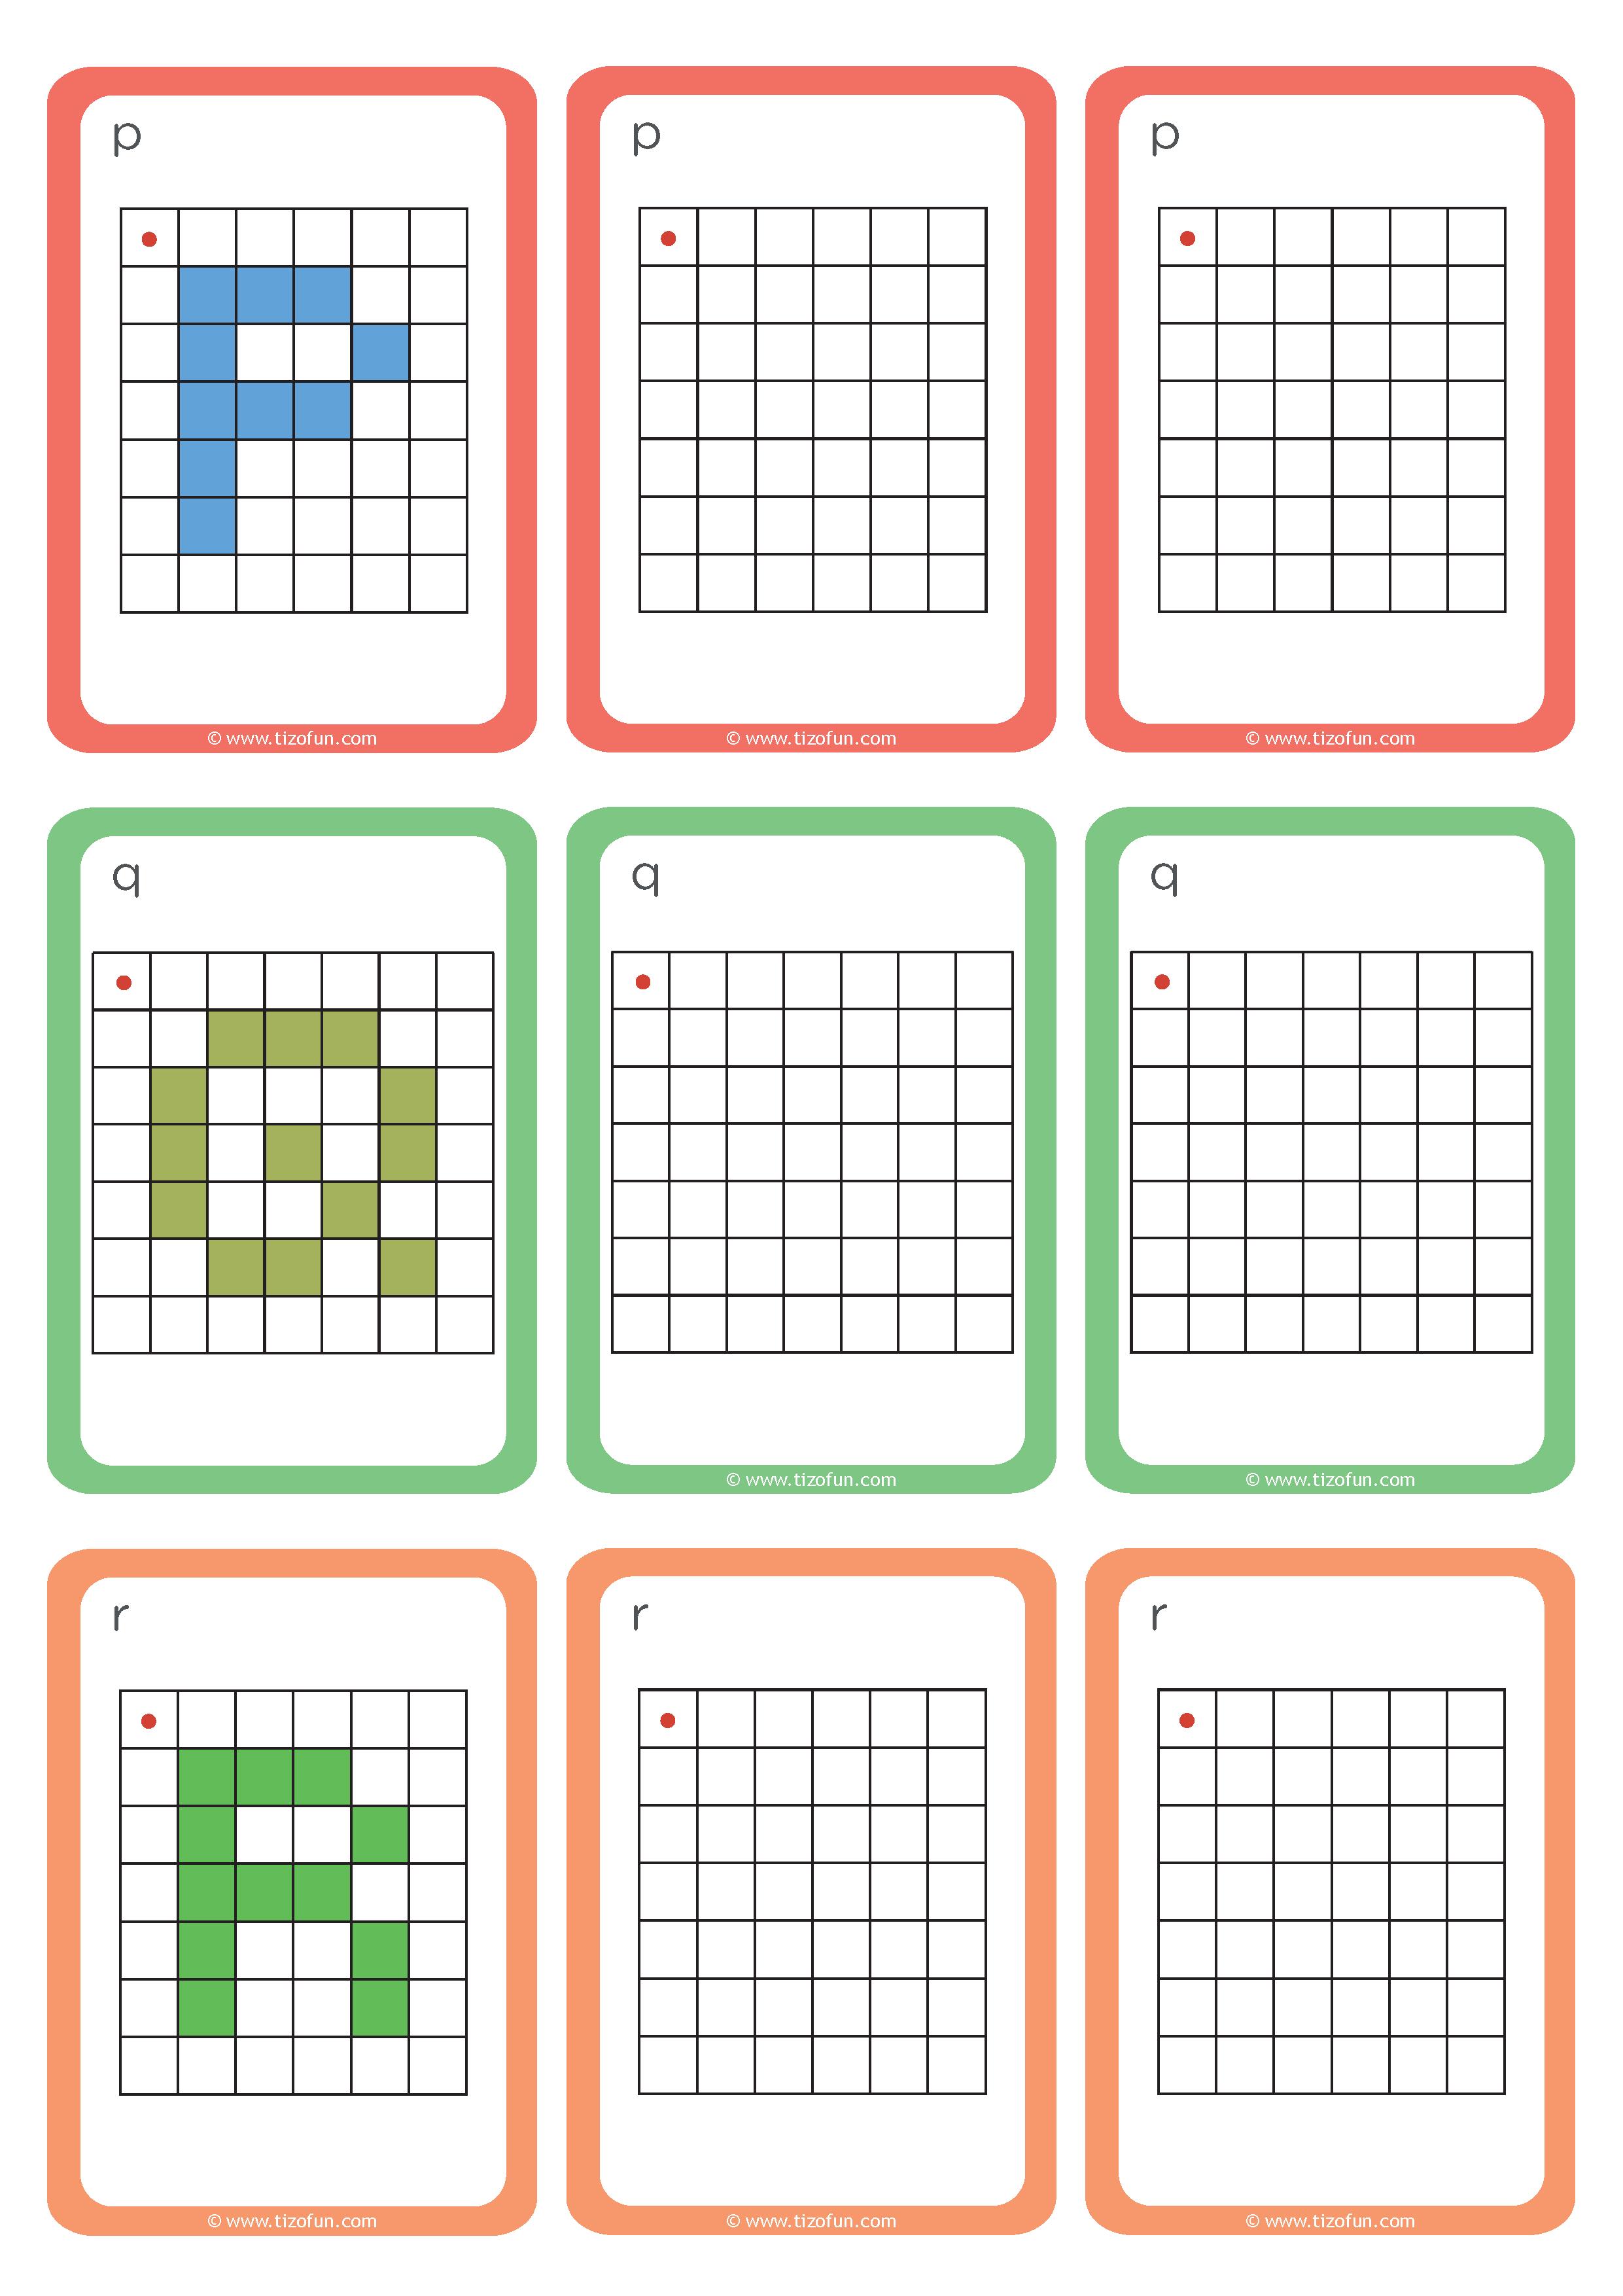 maths-deplacement-dans-un-quadrillage-reproduire-les-lettres-06